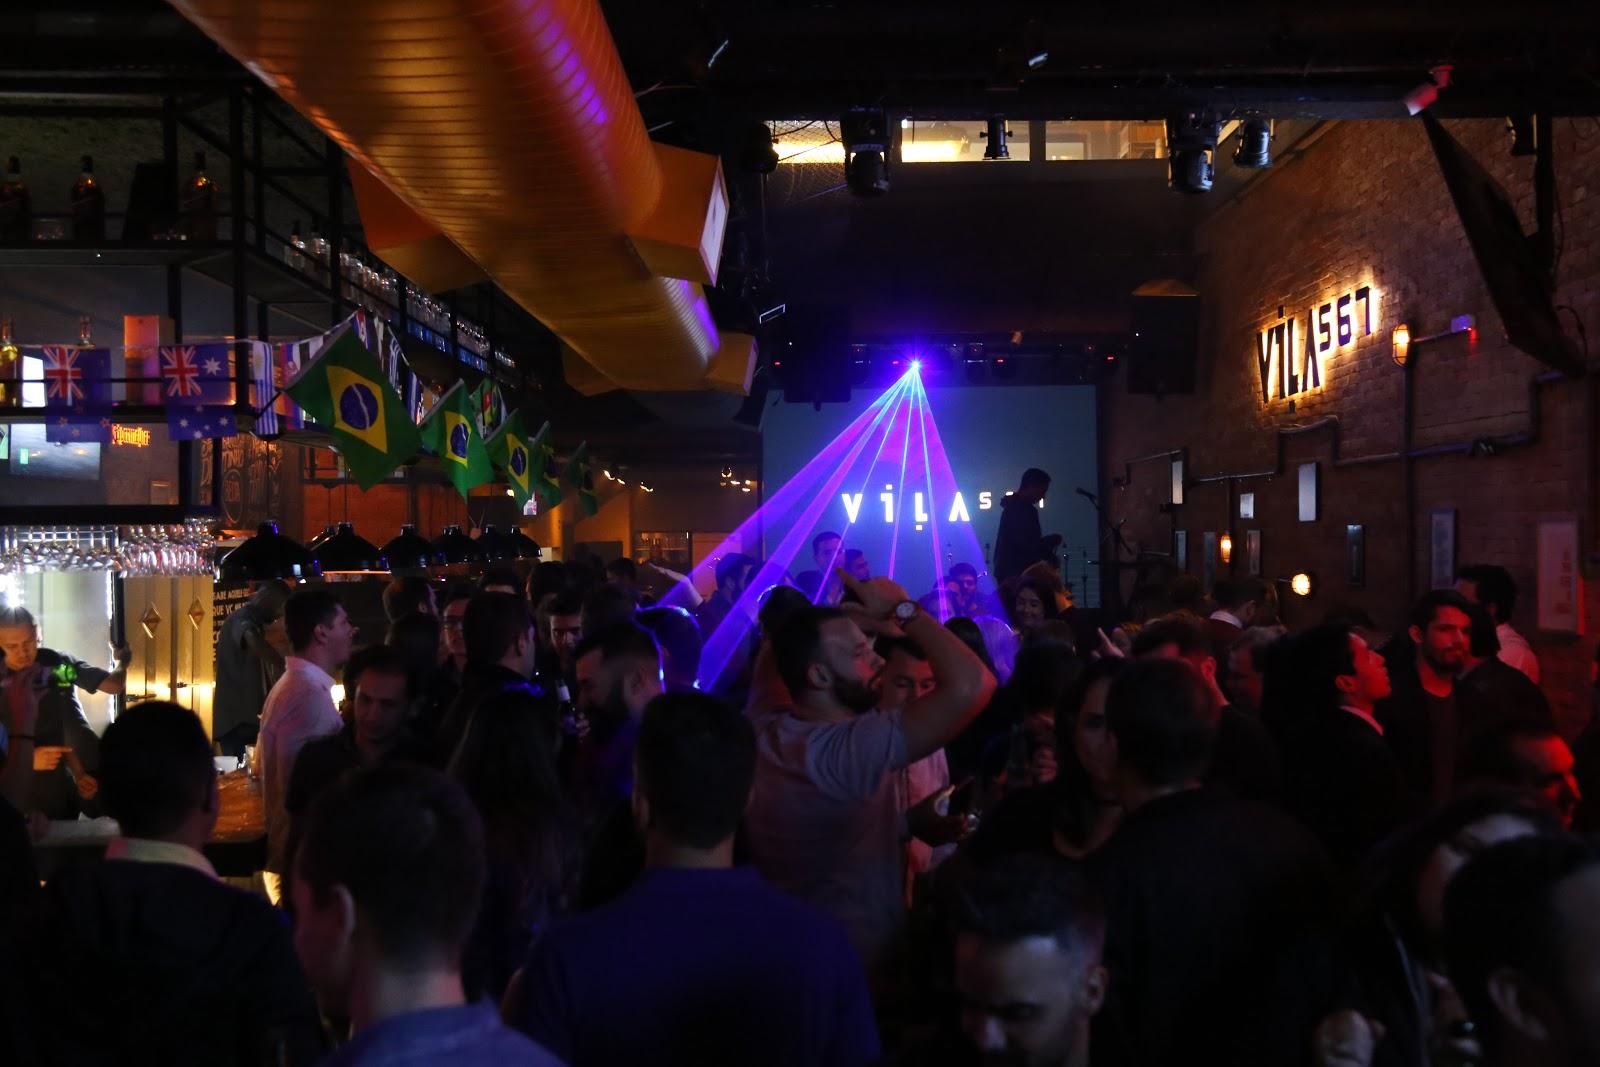 Glow Party: festa fluorescente agita Vila Madalena em noite de arte e música eletrônica 41